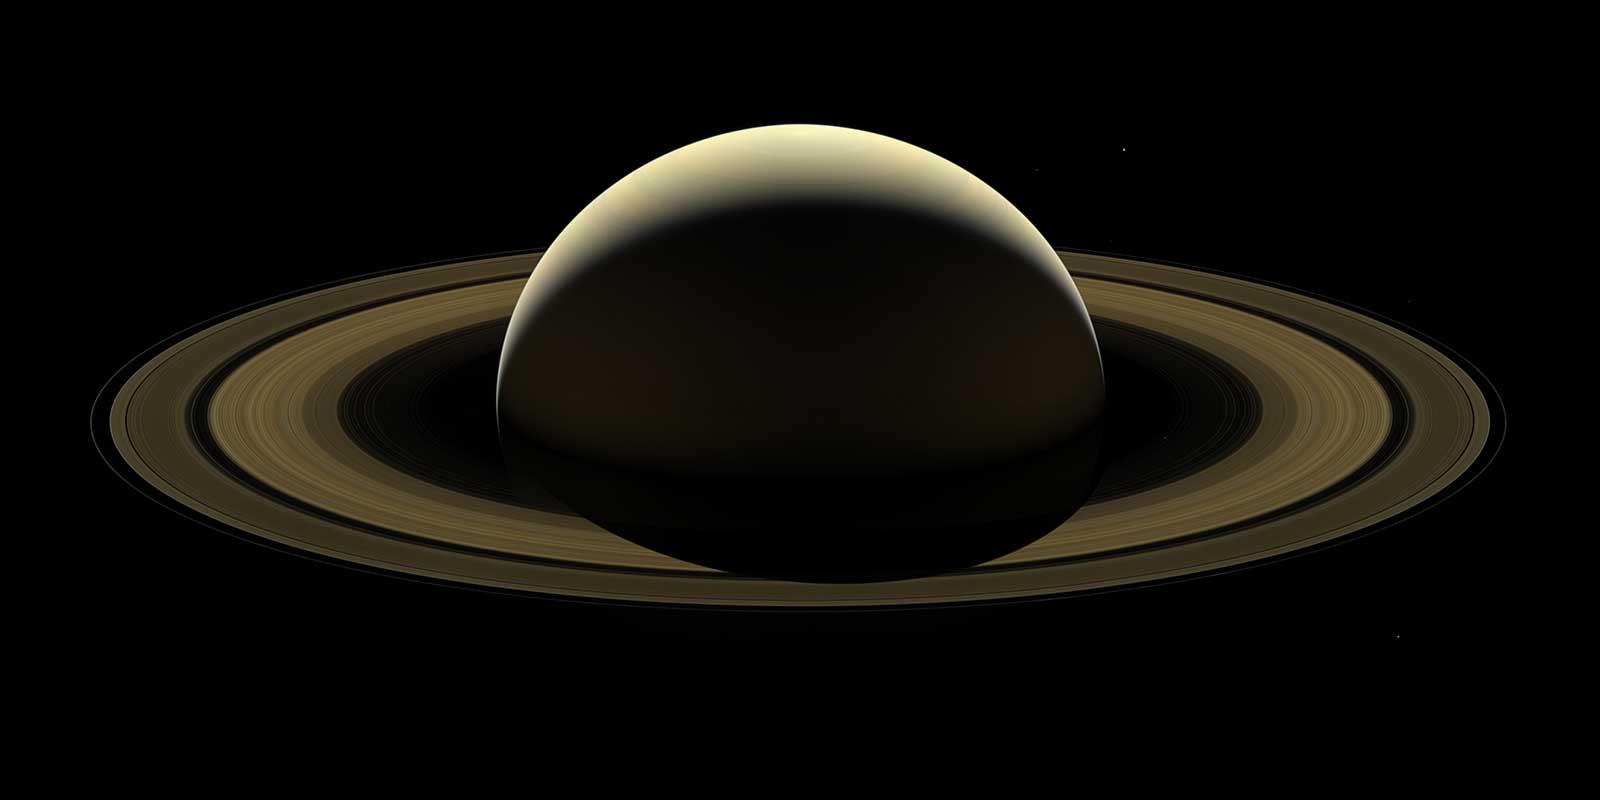 Júpiter y Saturno, en oposición en julio 2020